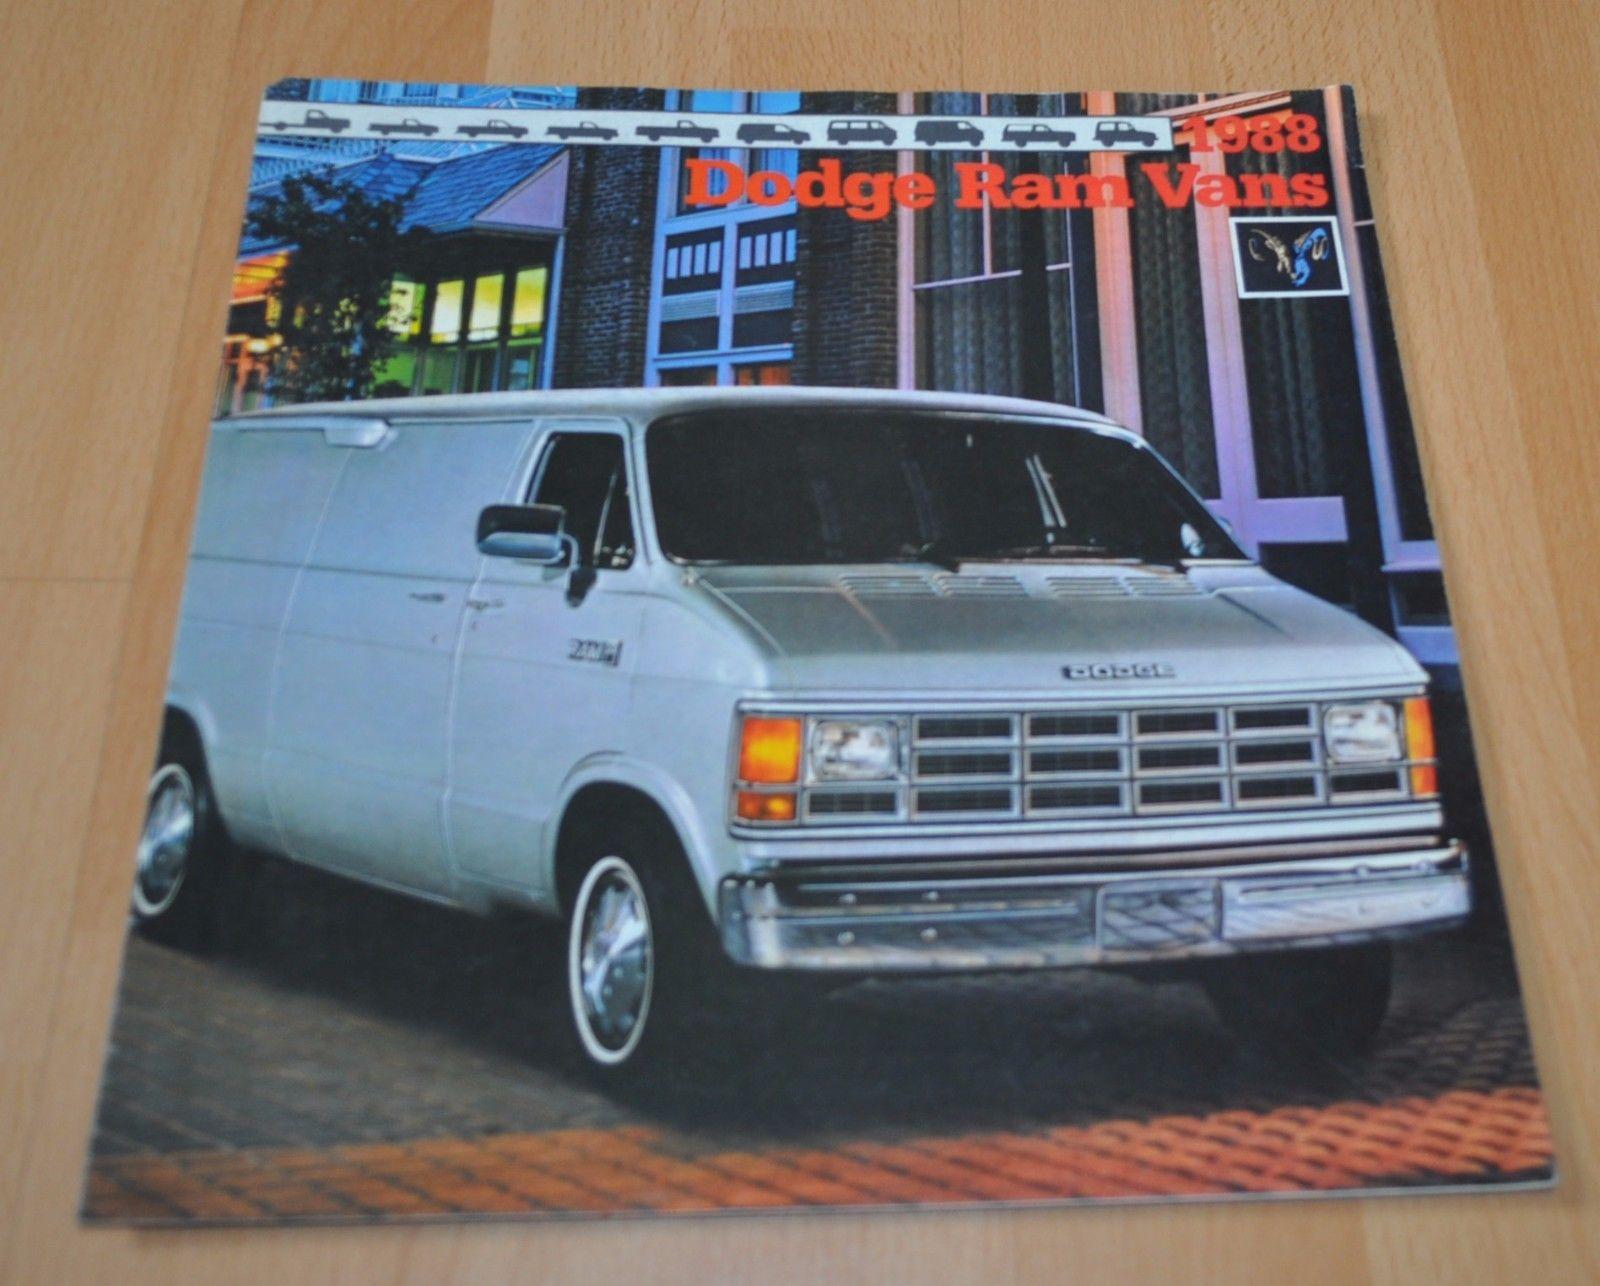 1988 dodge van